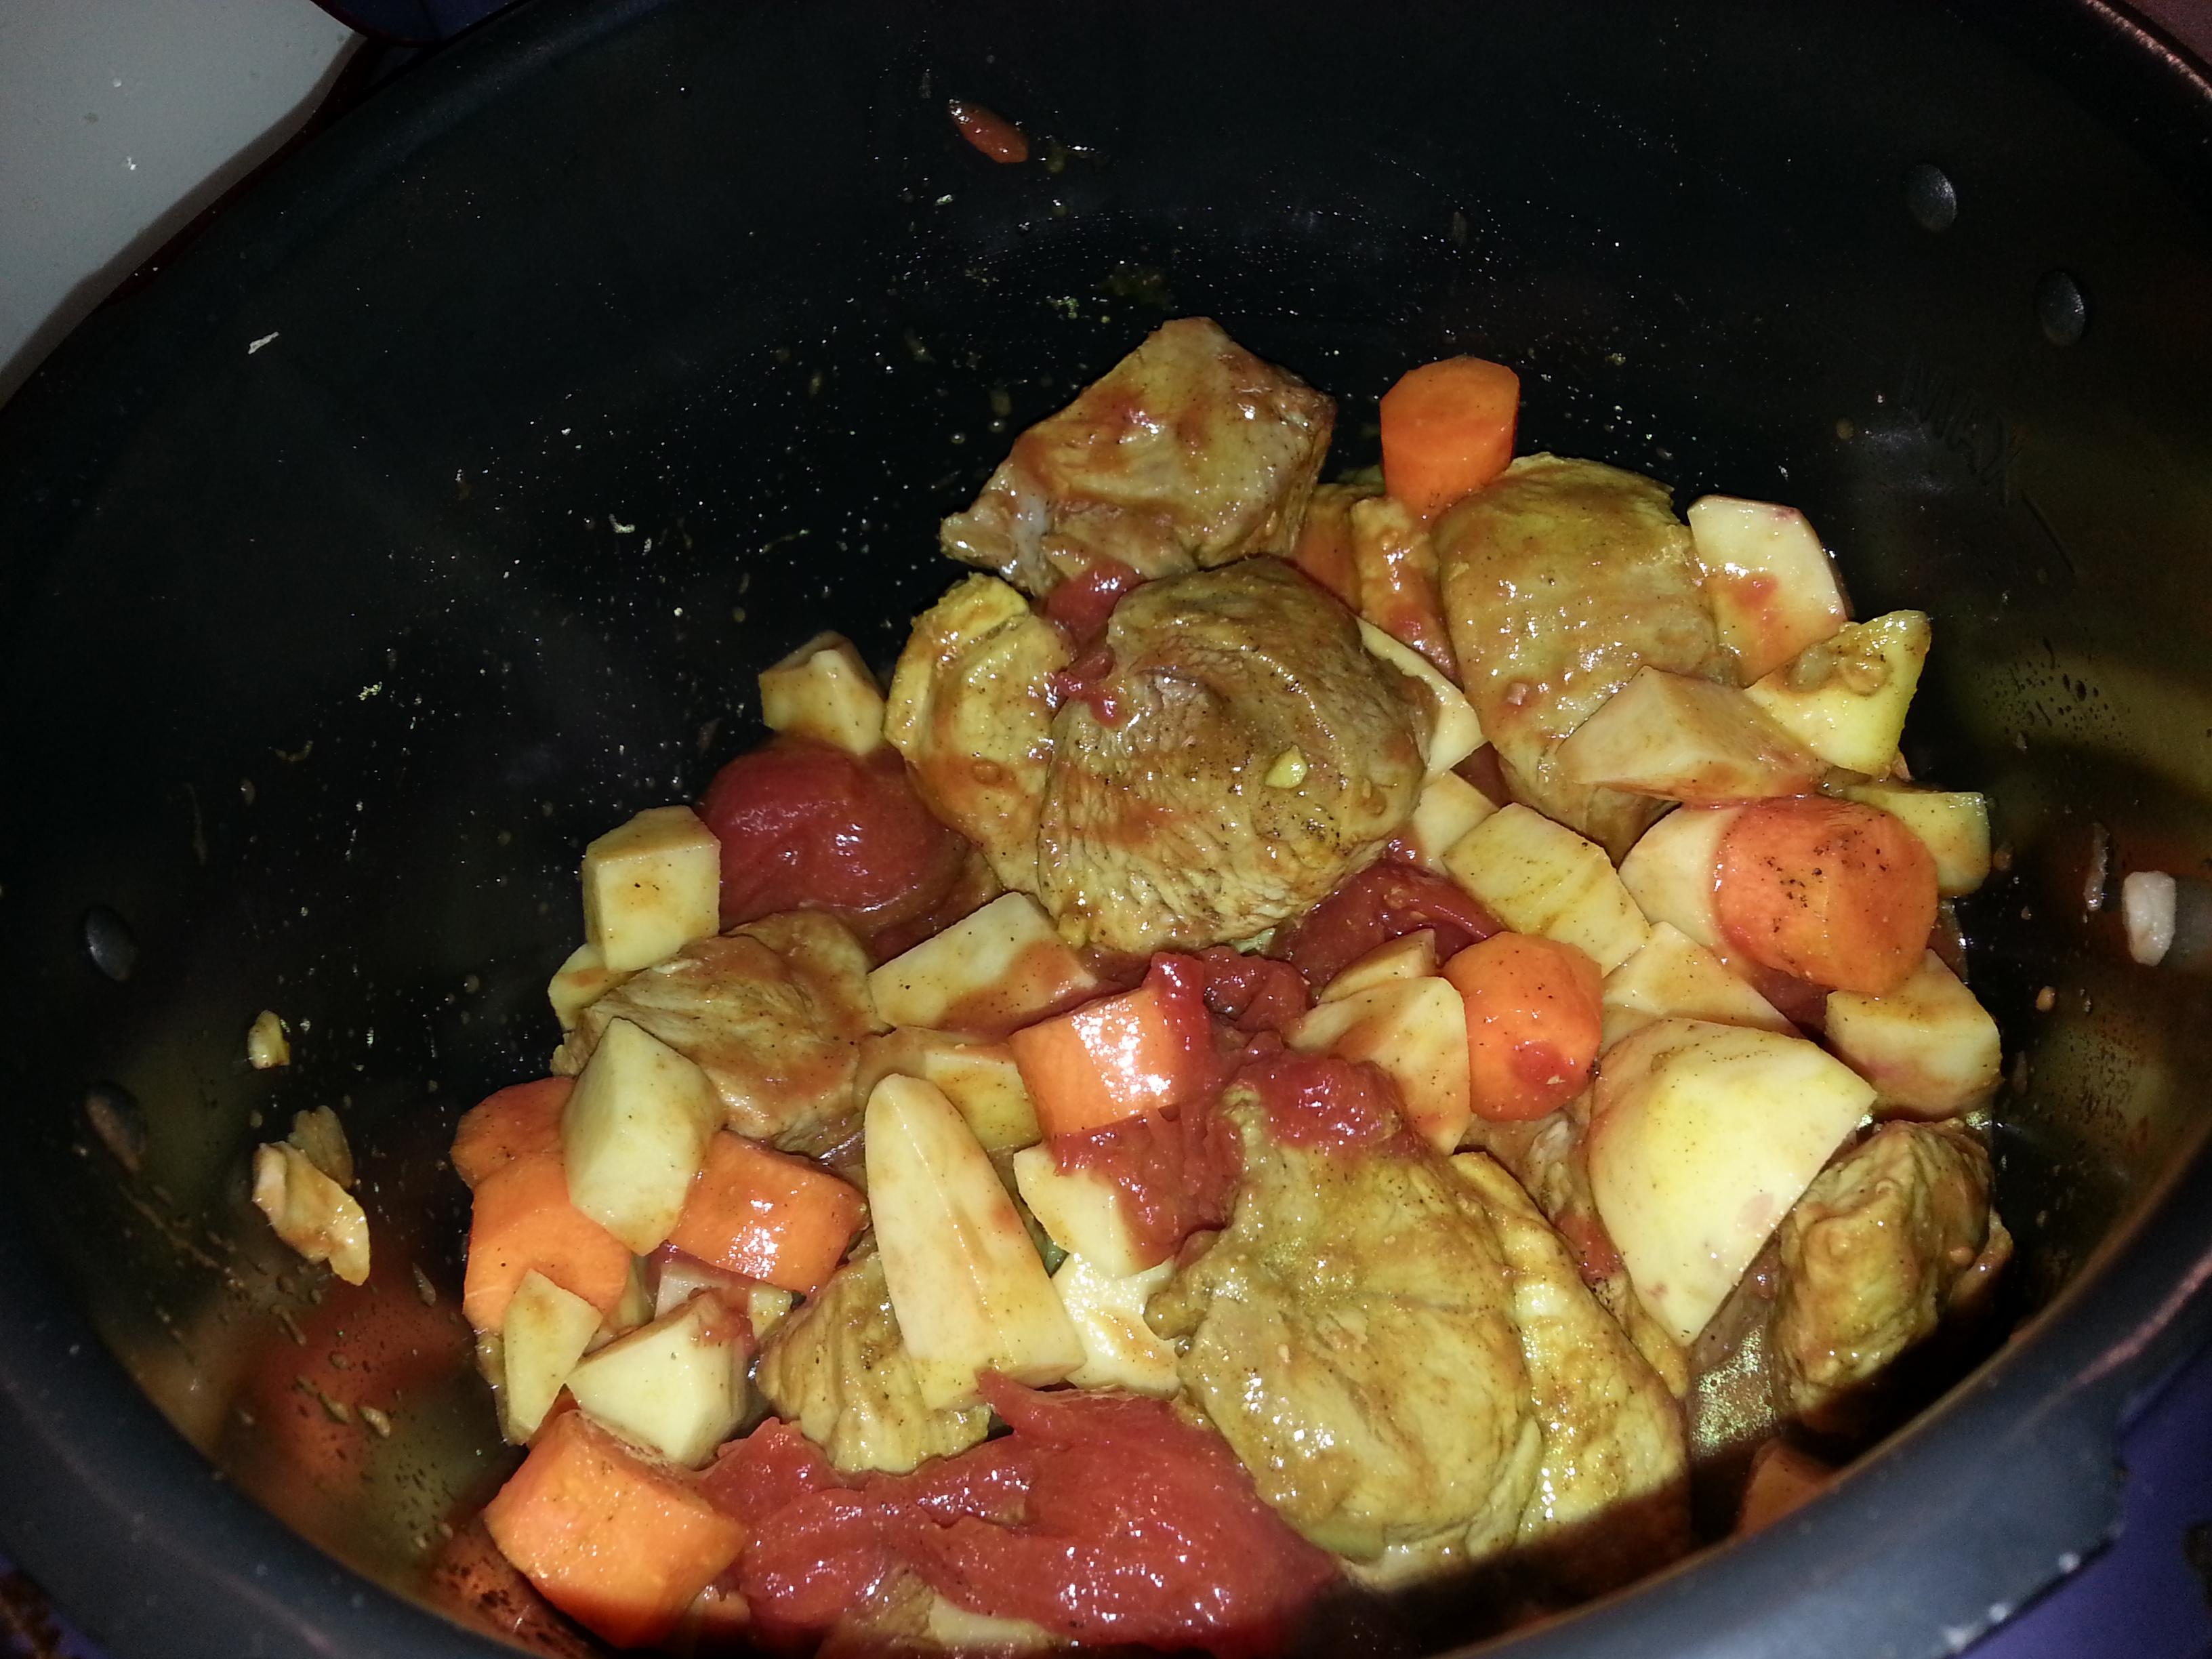 Recette colombo de porc sur la petite popotte de stef60240 blog de cuisine de stef60240 - Cookeo cuisson sous pression ...